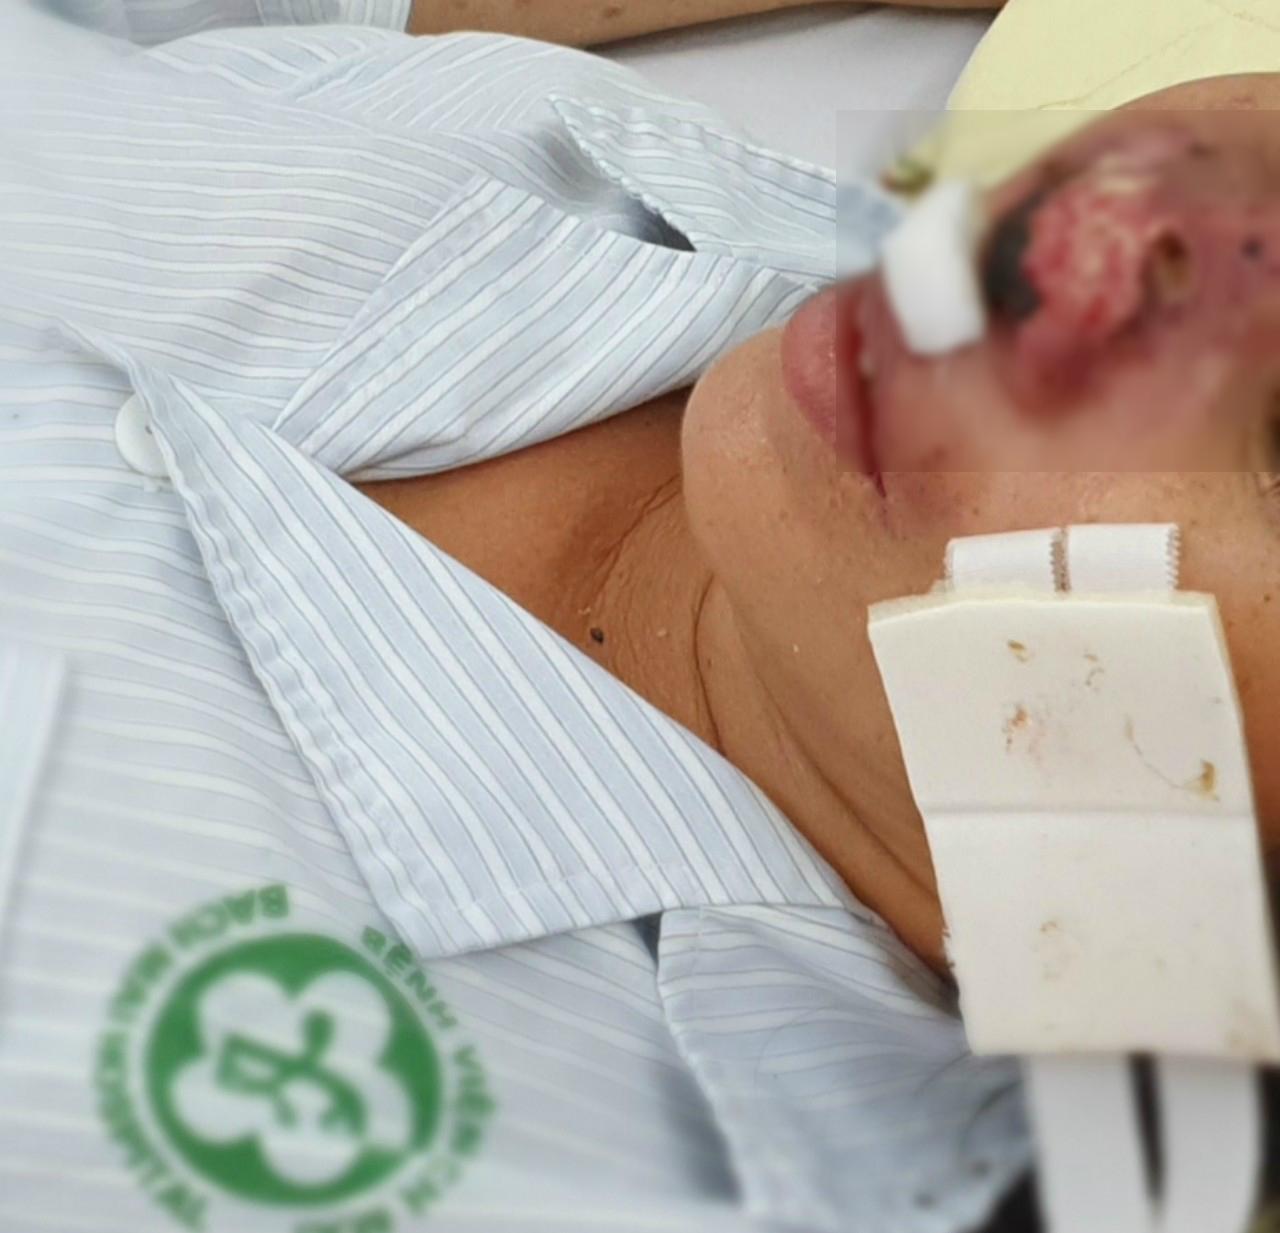 Hà Nội: Nữ bệnh nhân bị vi khuẩn whitemore 'ăn' cánh mũi - Ảnh 1